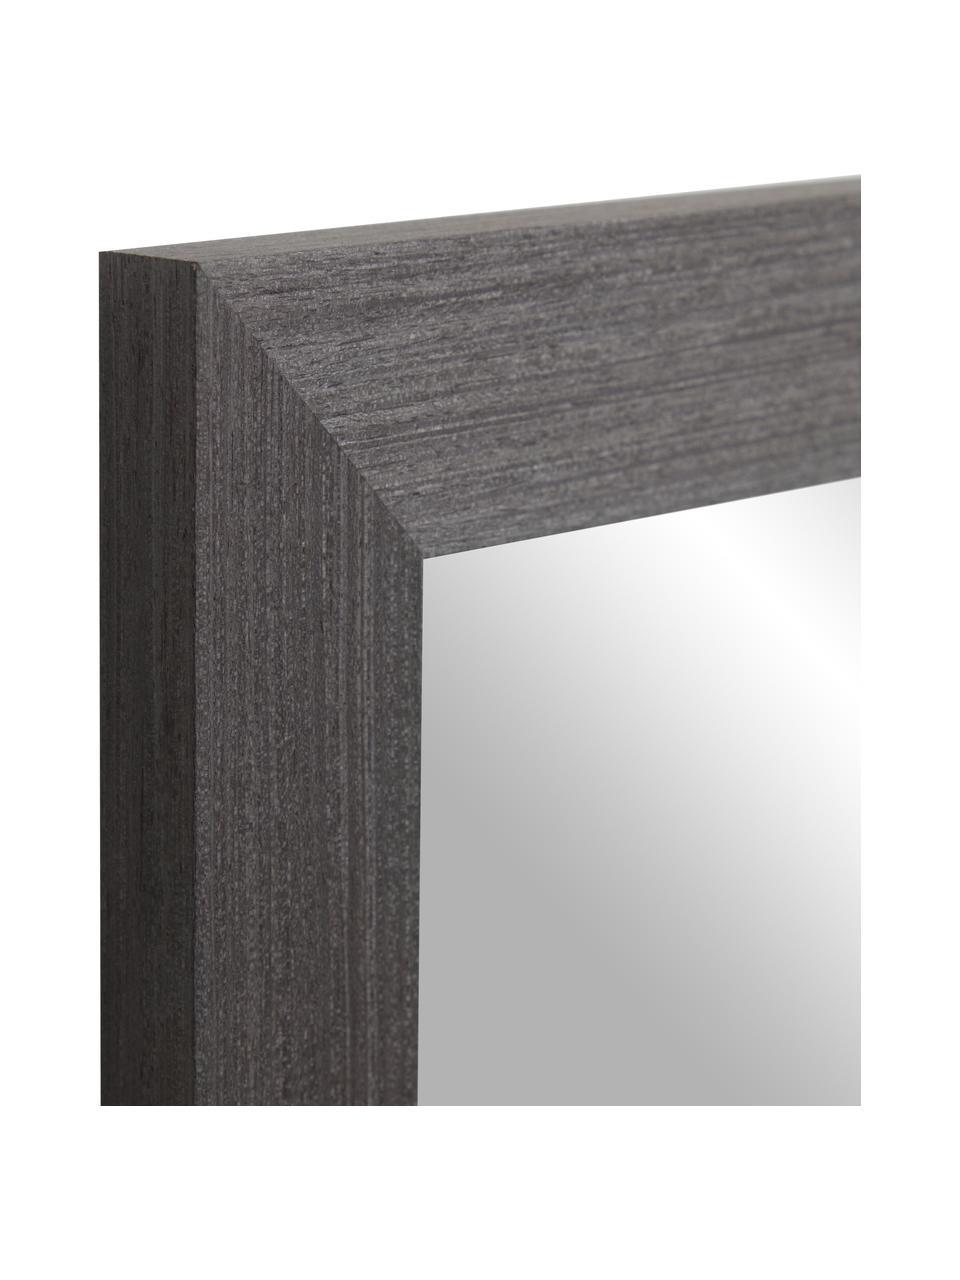 Wandspiegel Wilany met met houten lijst, Lijst: hout, Antraciet, 47 x 58 cm